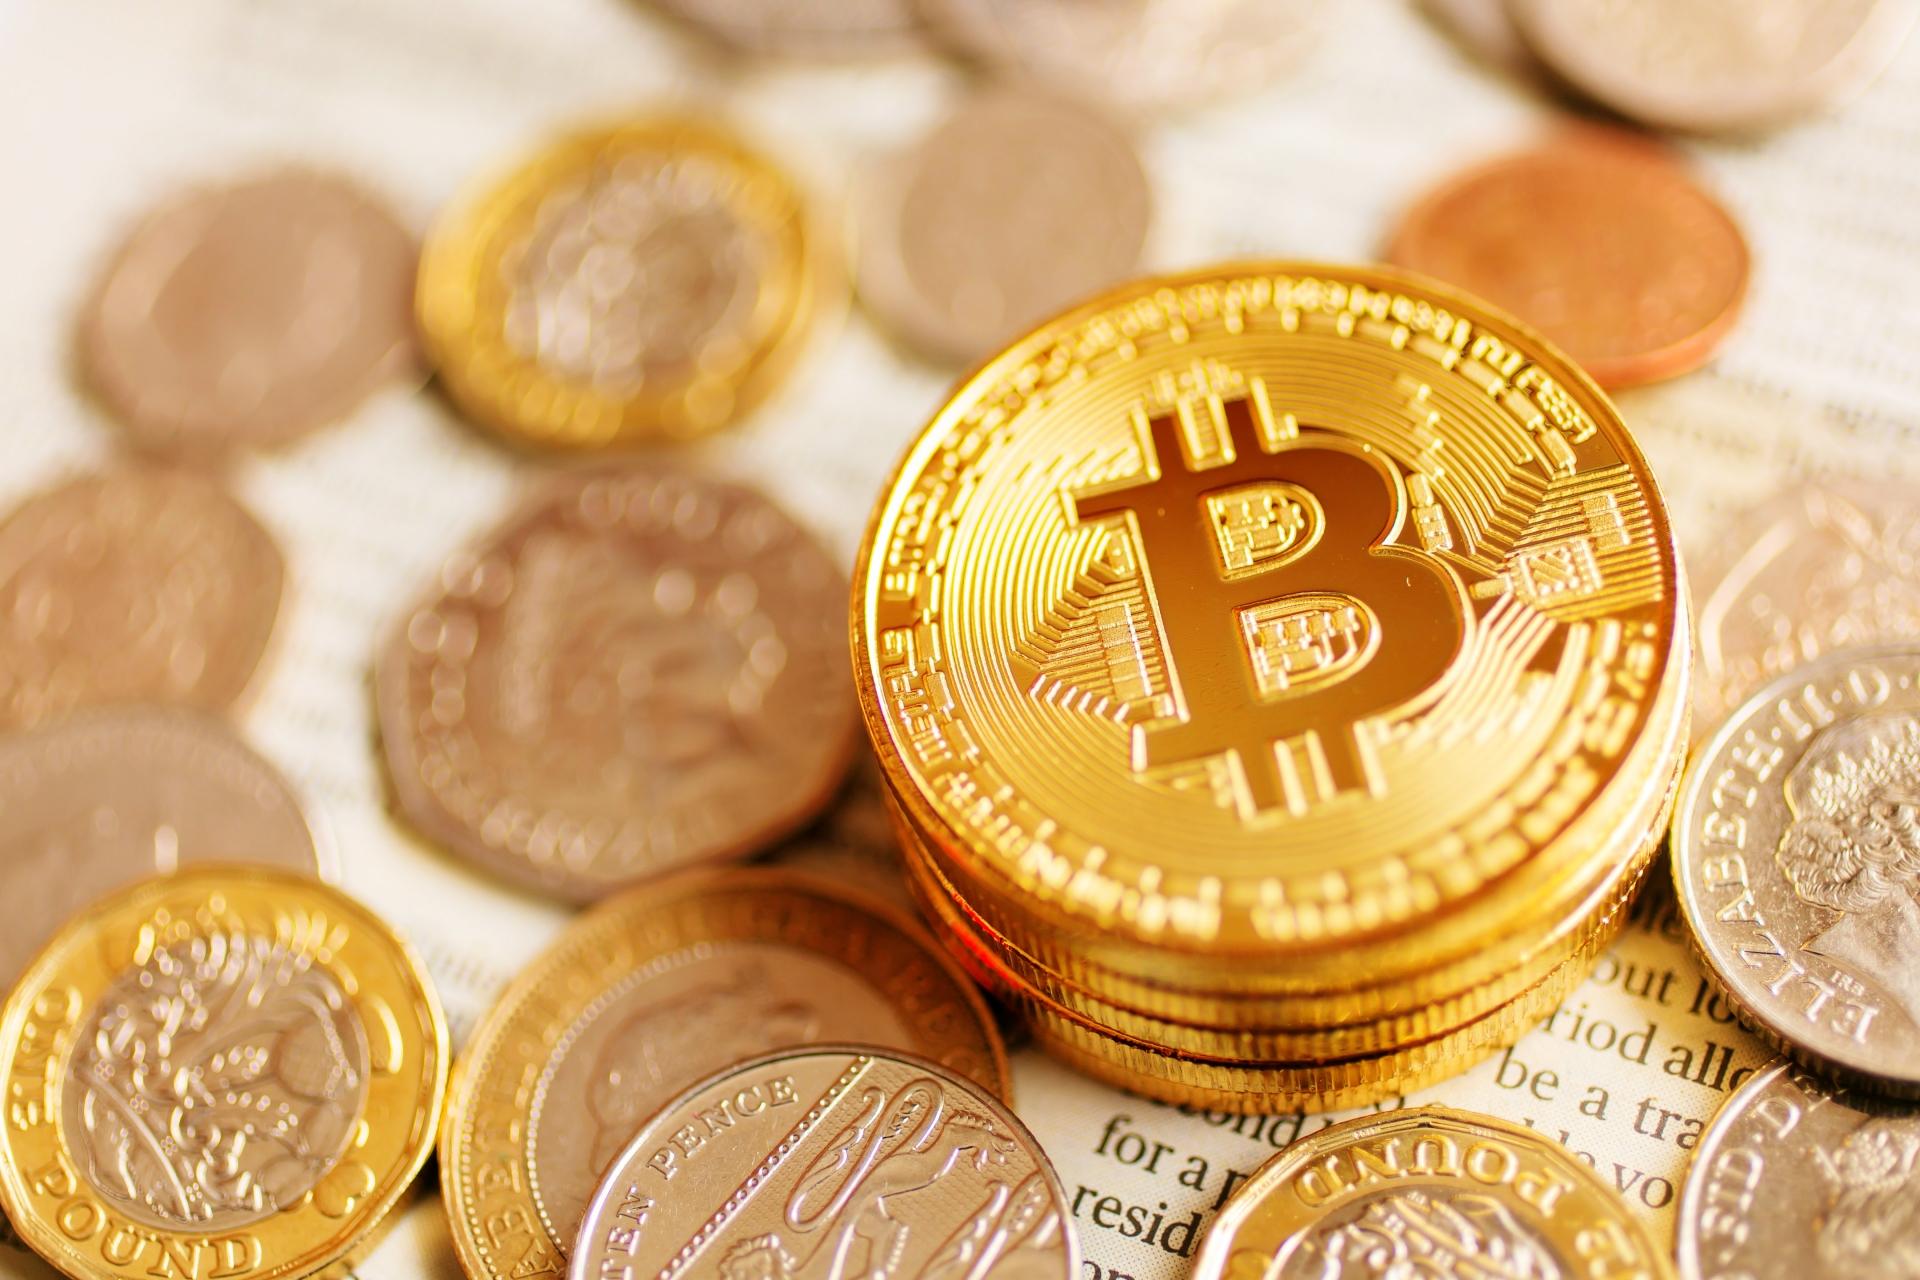 第61回 コインチェック返金開始に学ぶ投資の在り方